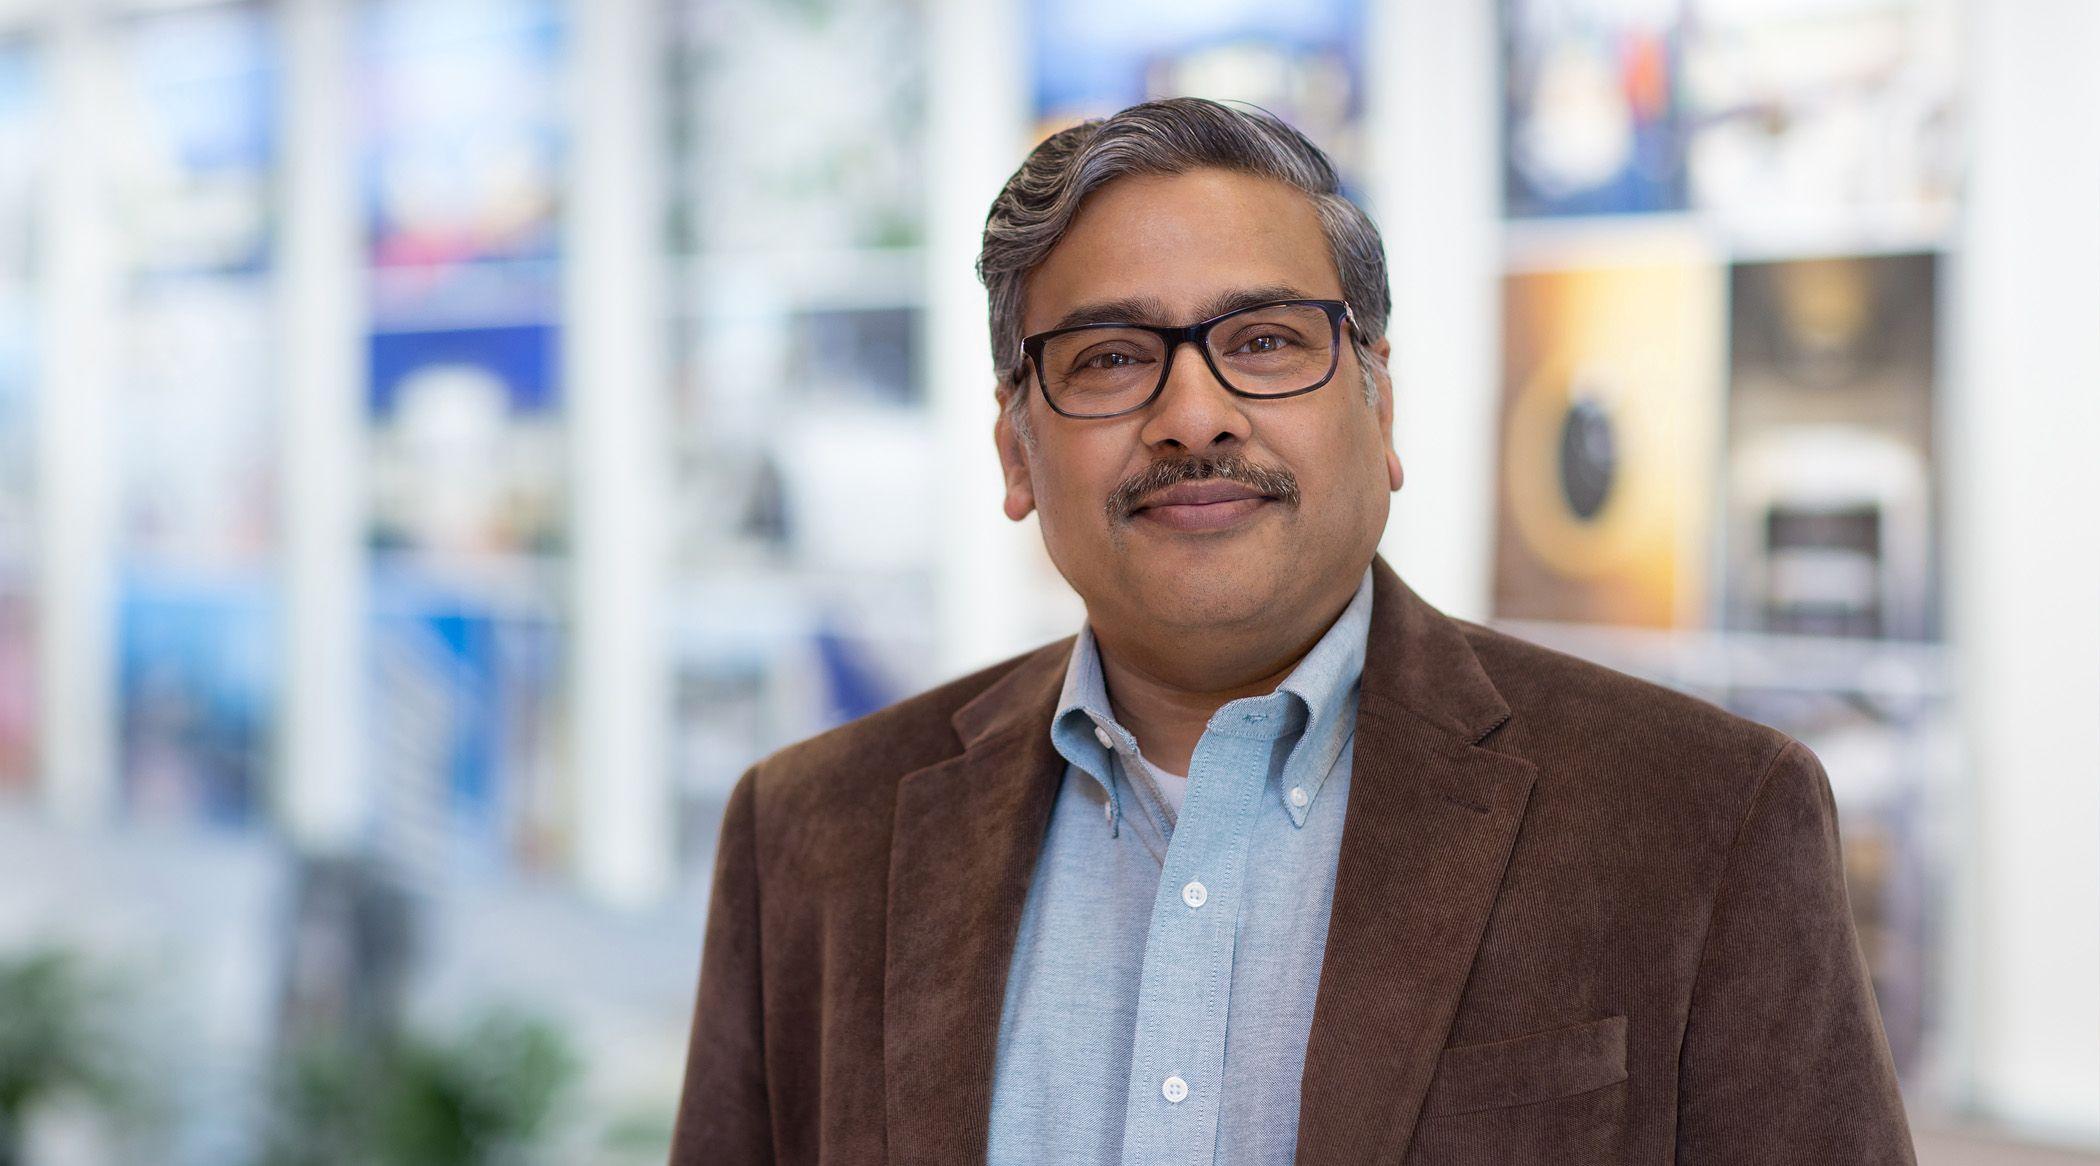 Pravin Mathur, GISP